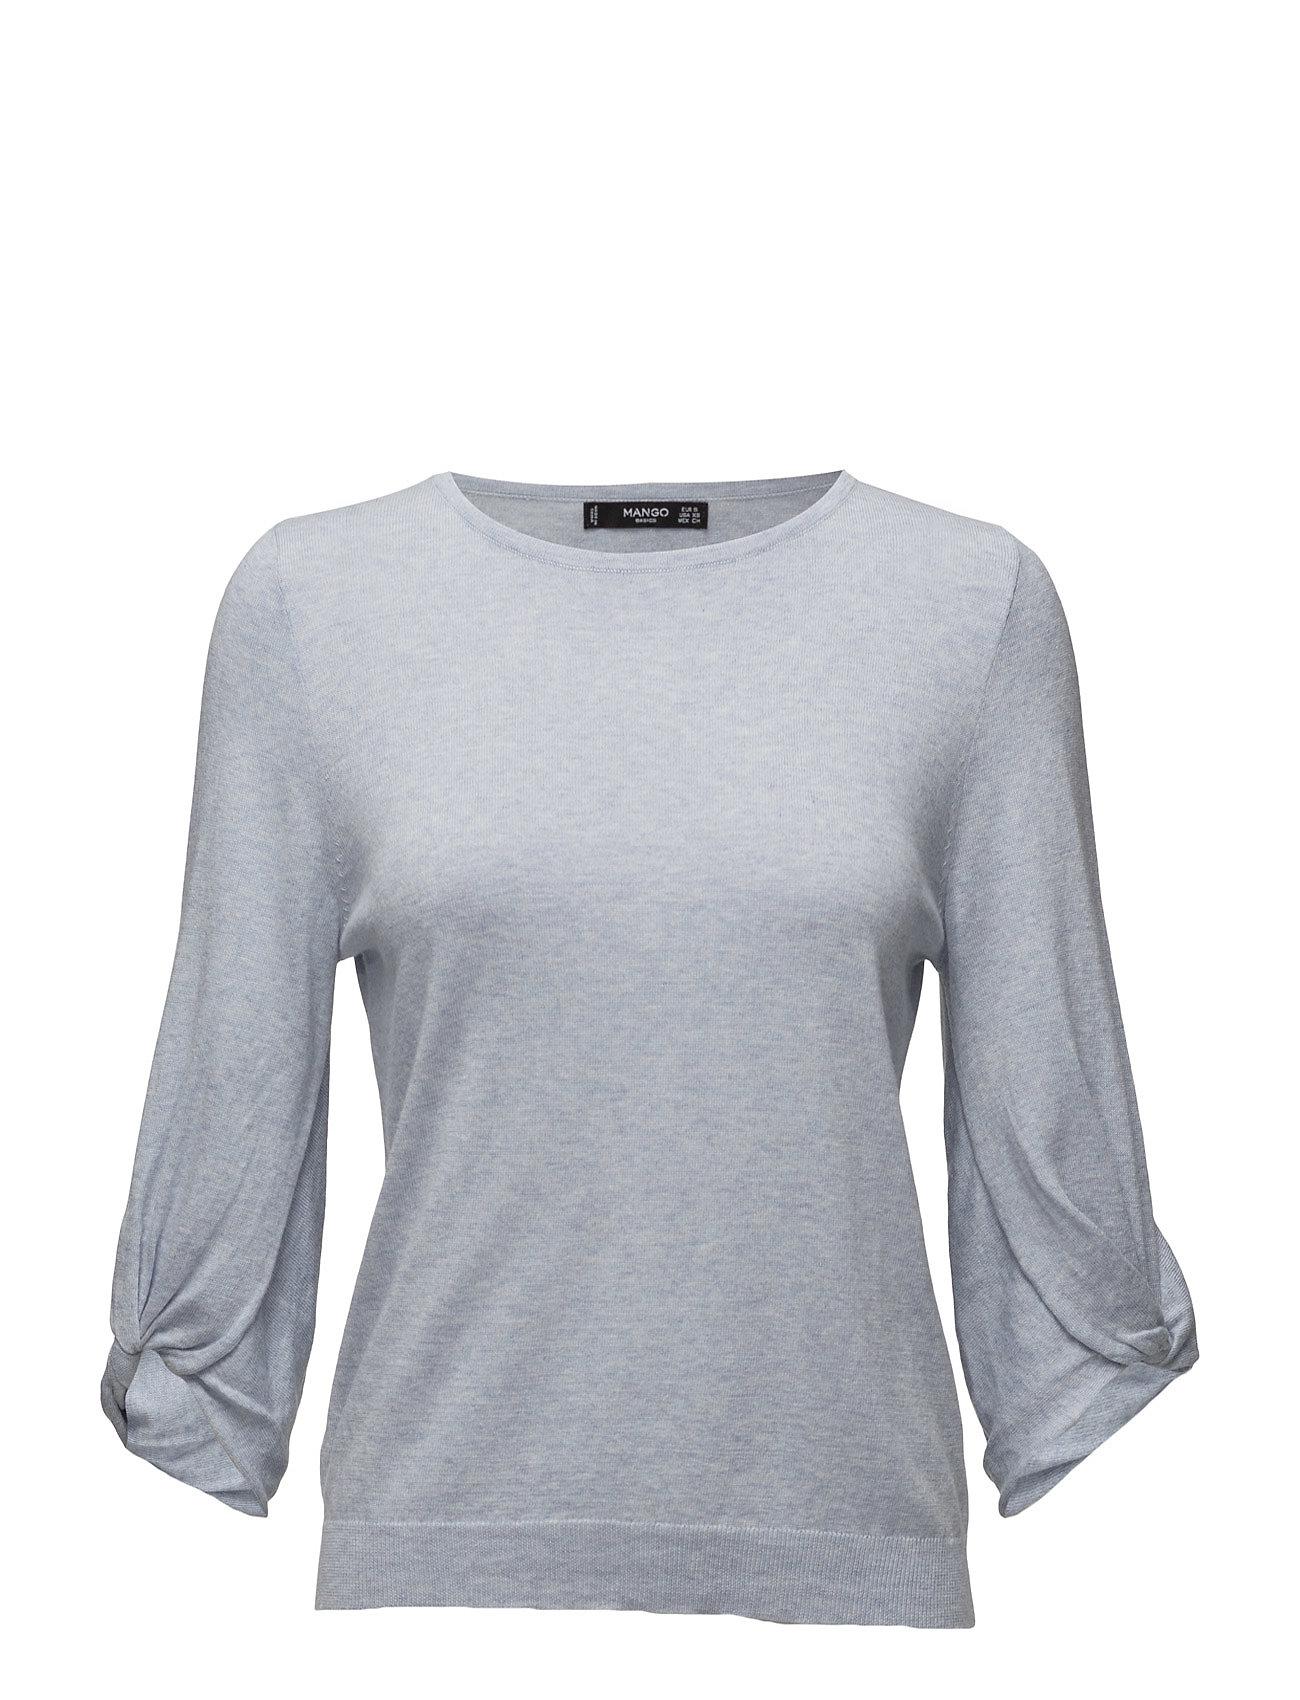 Sleeve Knotted Sweater Mango Sweatshirts til Damer i Lt-Pastel blå